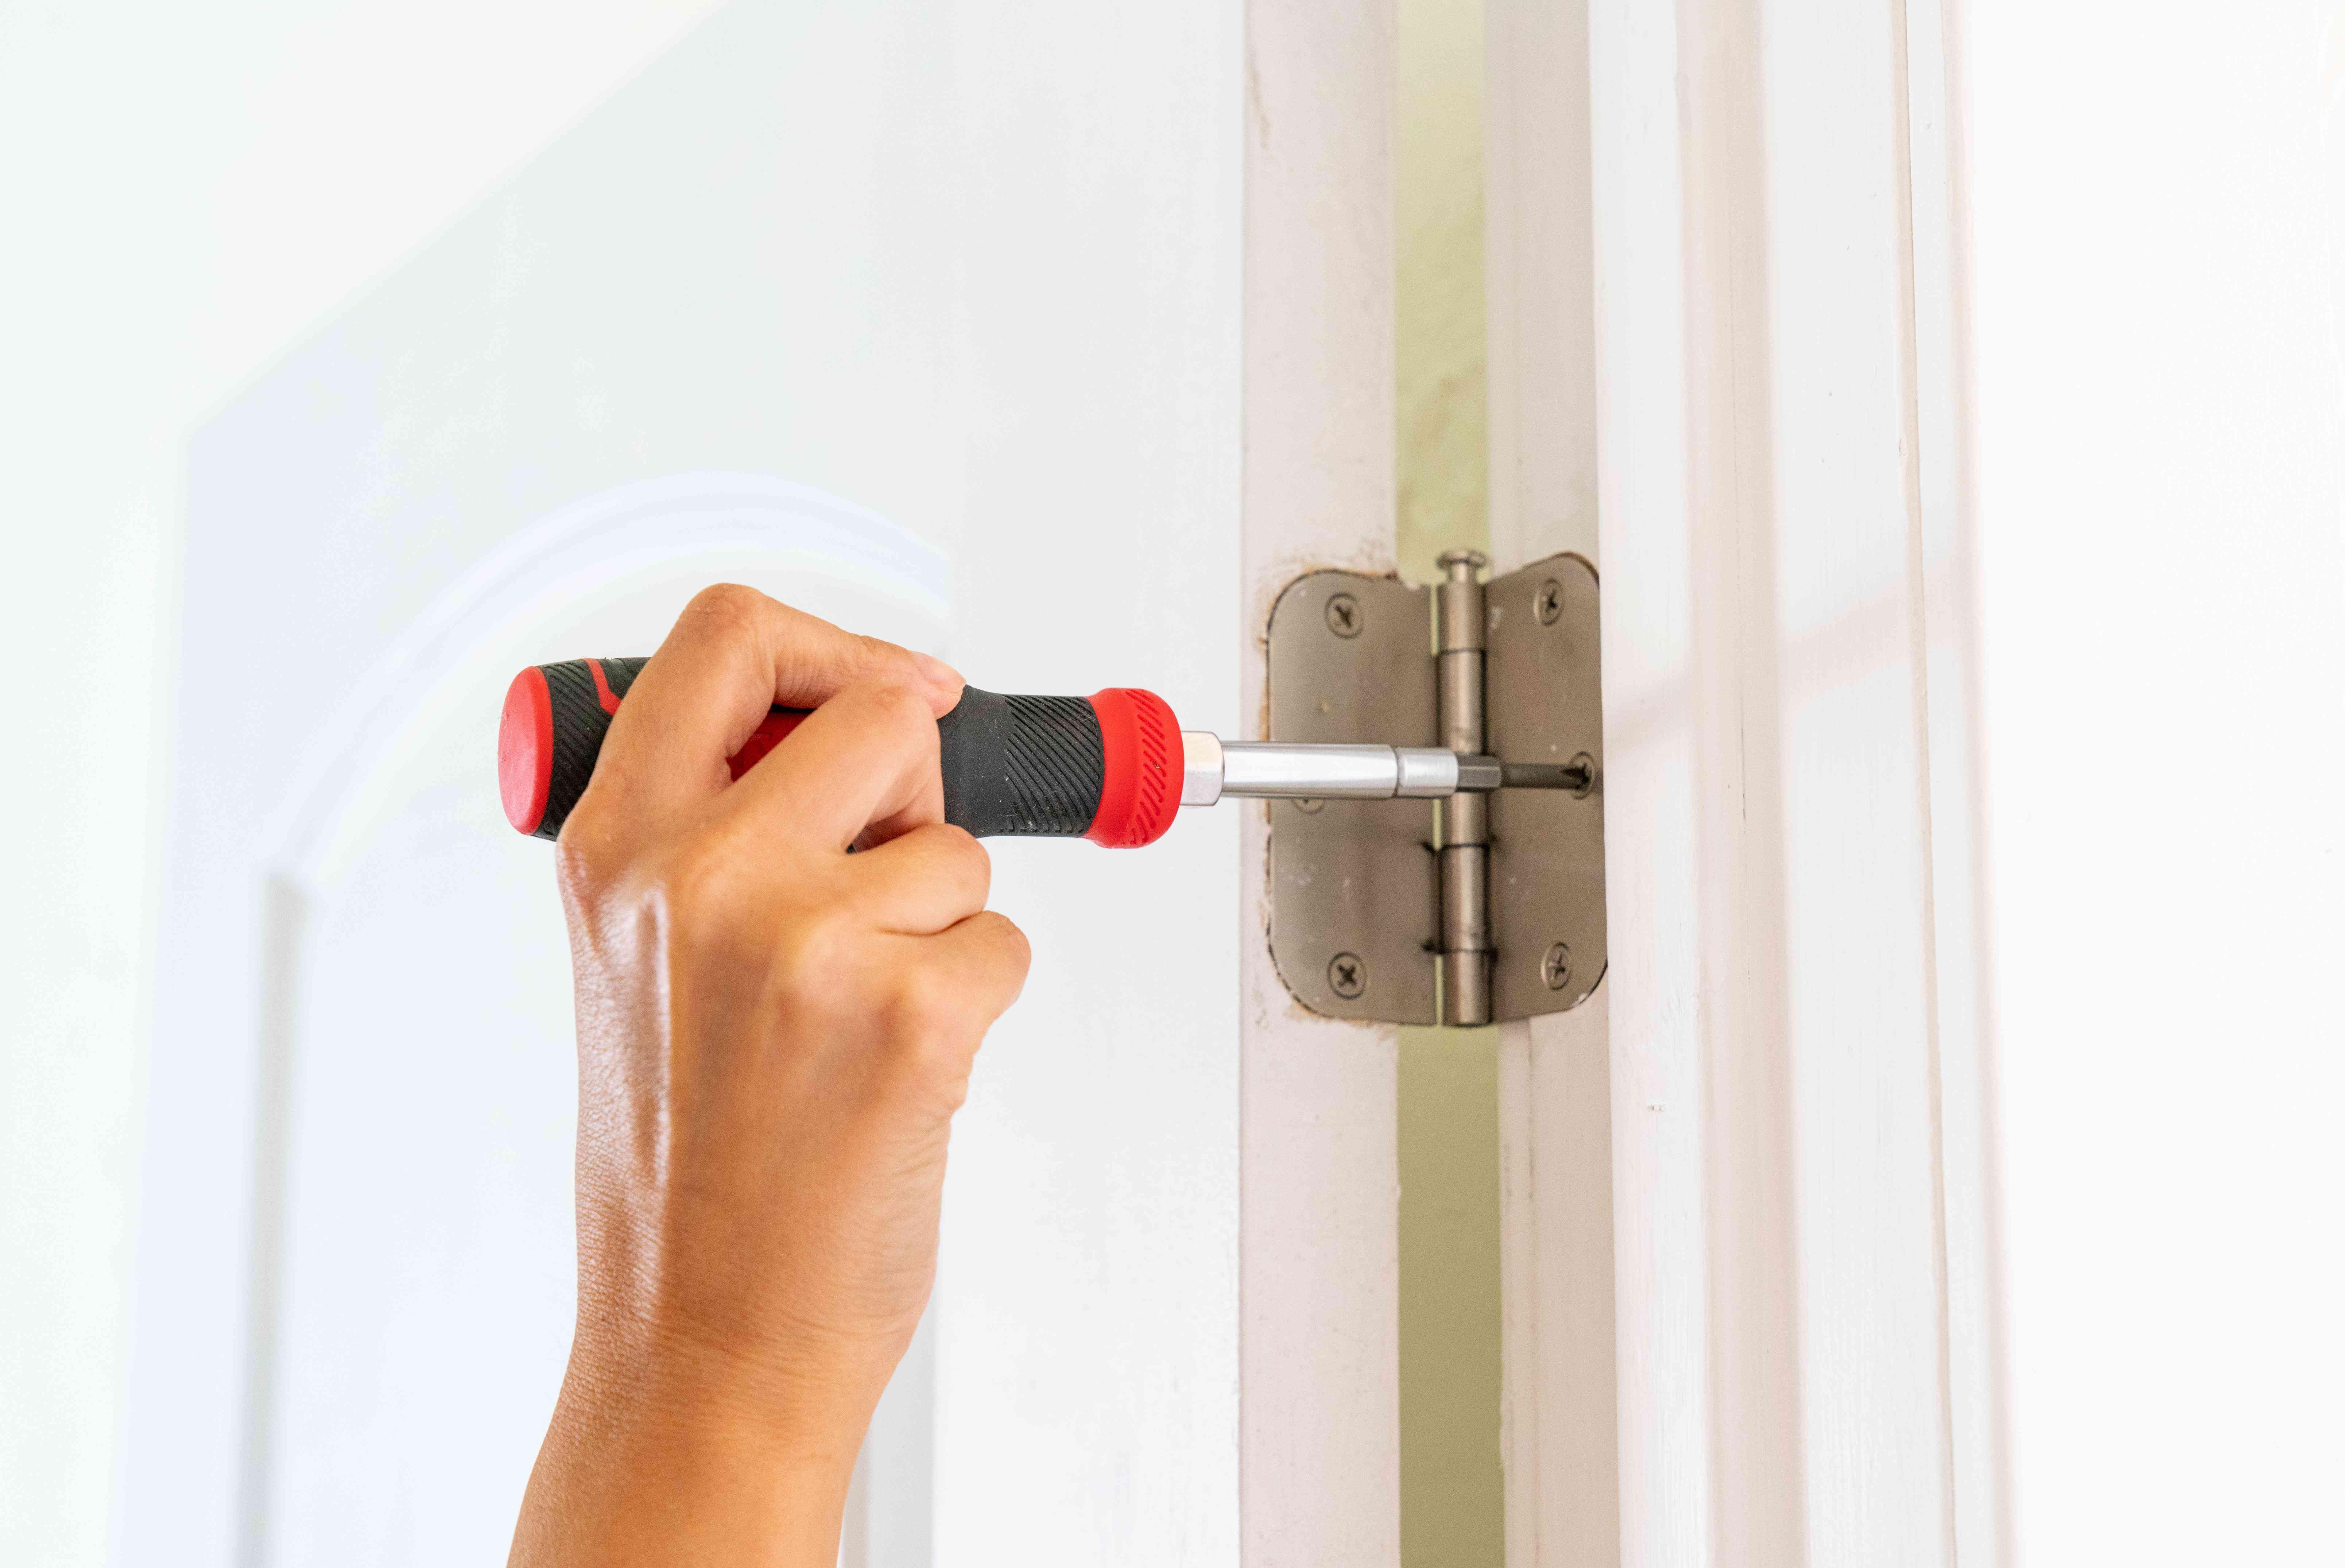 Hinge screws tightened in door frame to fix door that sticks